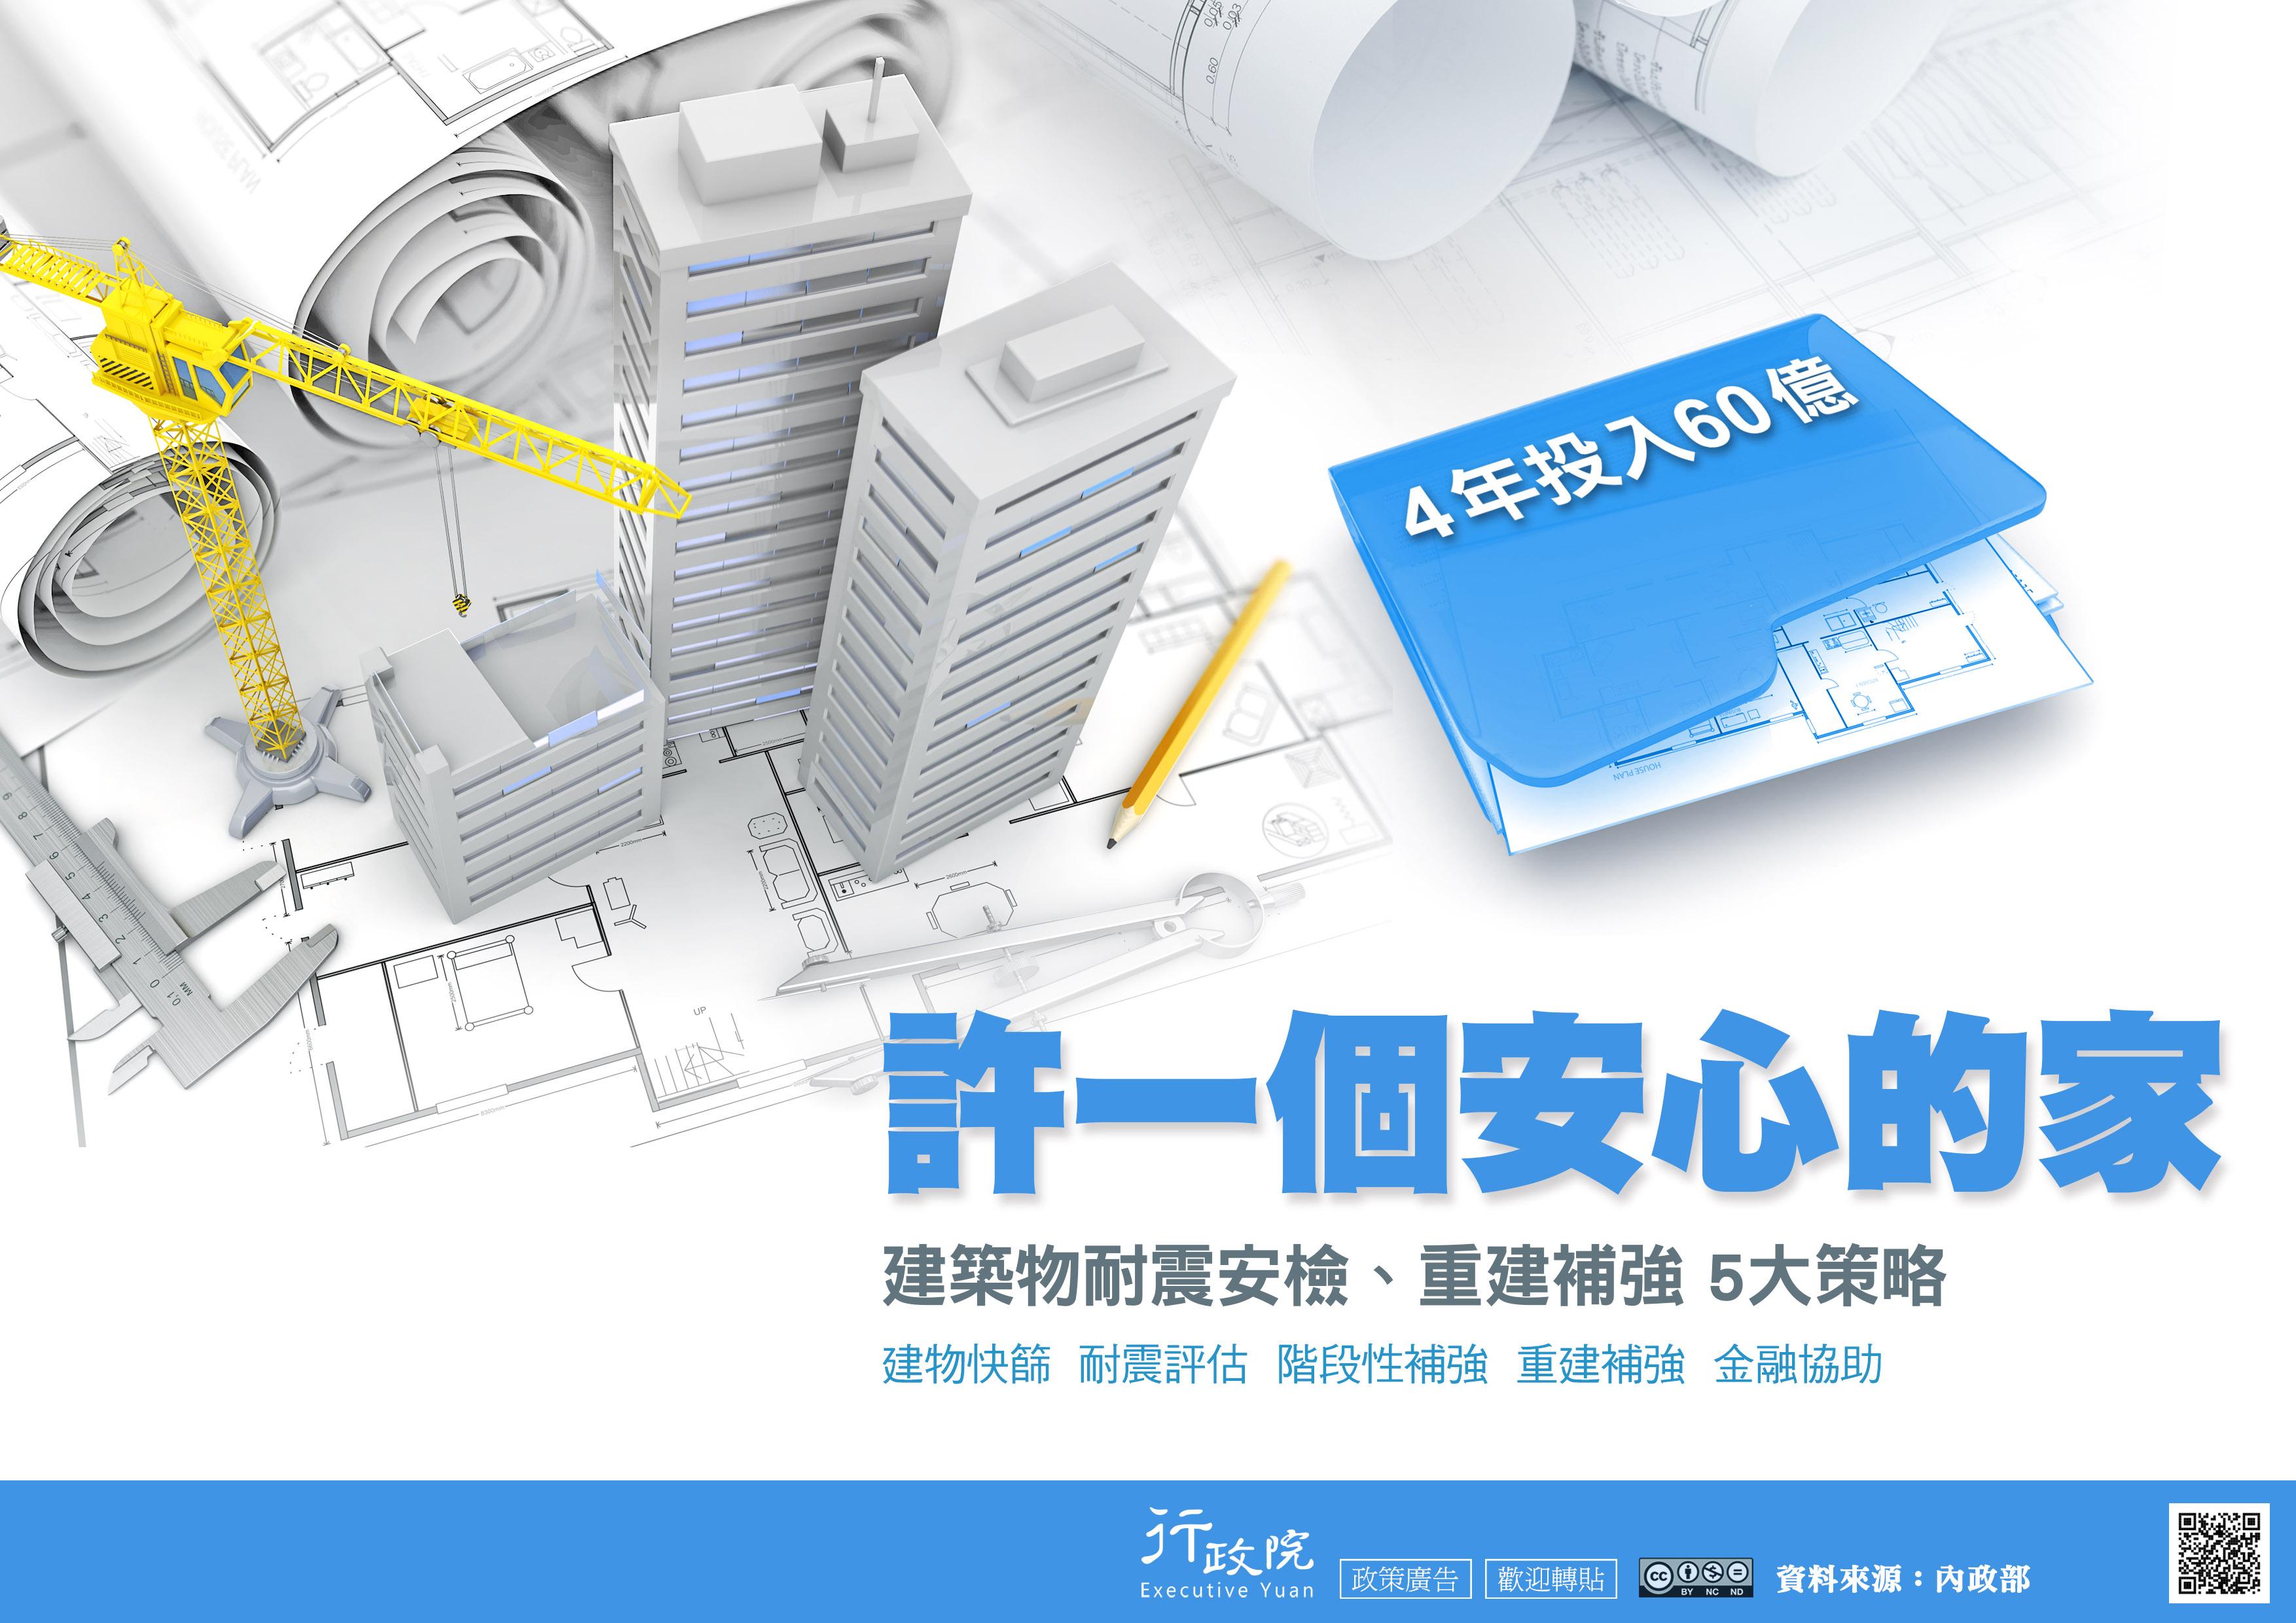 「全國建築物耐震安檢暨輔導重建補強」政策eDM